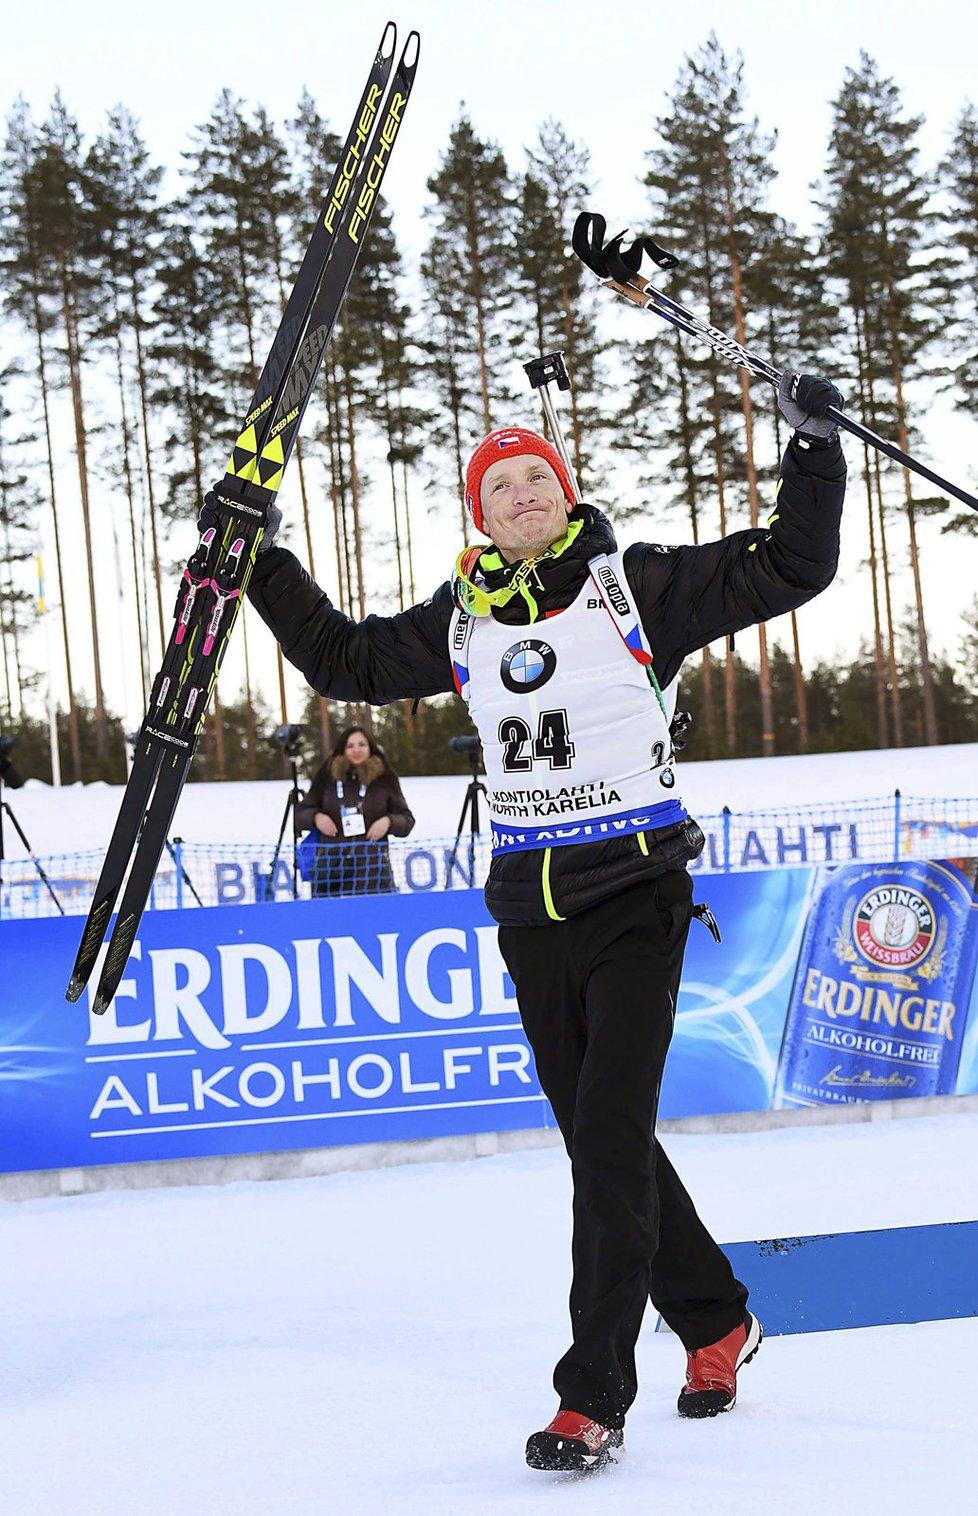 Ondřej Moravec jde na vyhlášení sprintu po svém druhém místě na SP v Kontiolahti